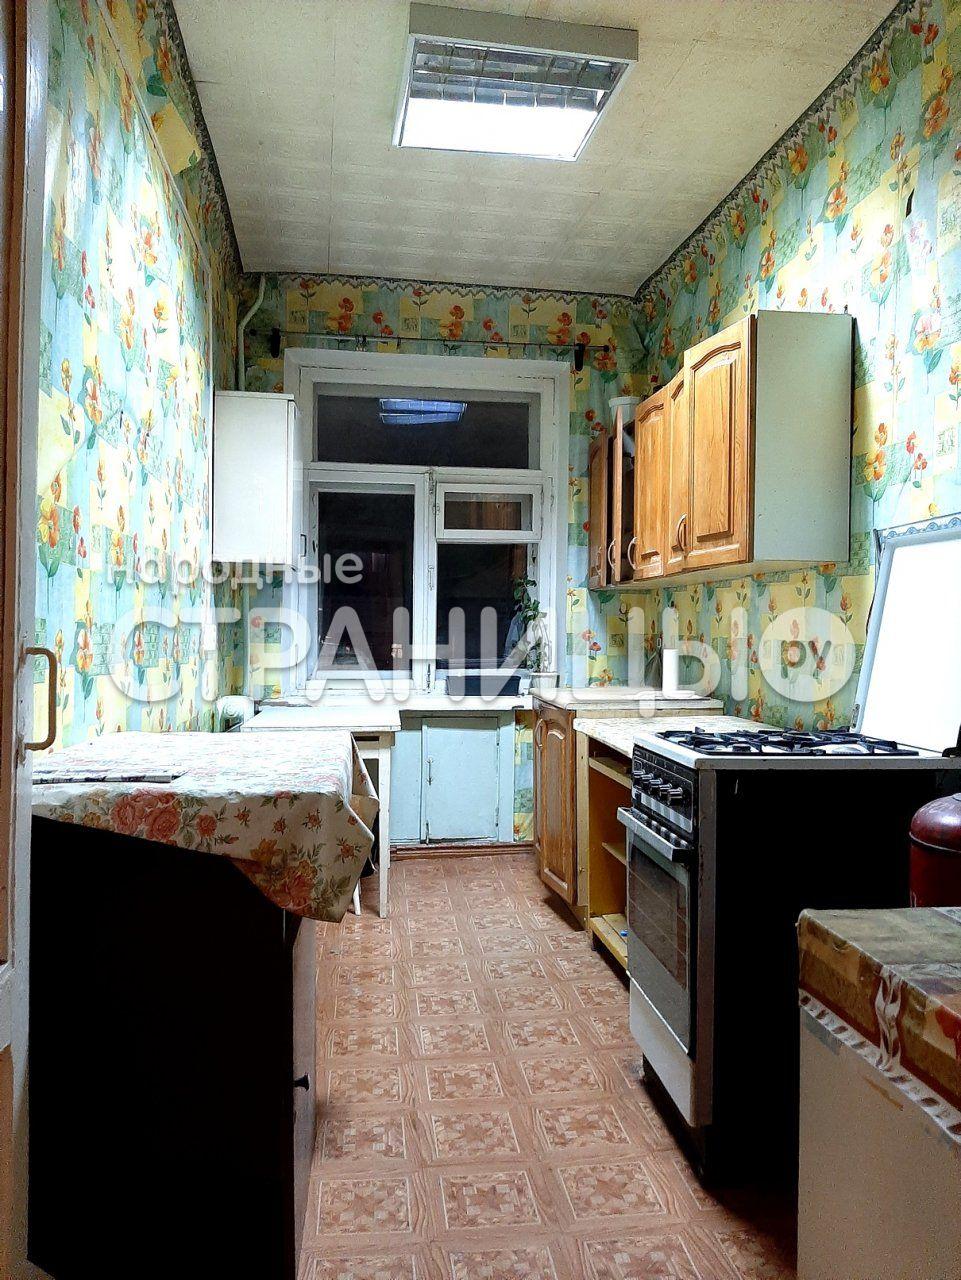 2-комнатная квартира, 31.0 м²,  2/2 эт. Кирпичный дом